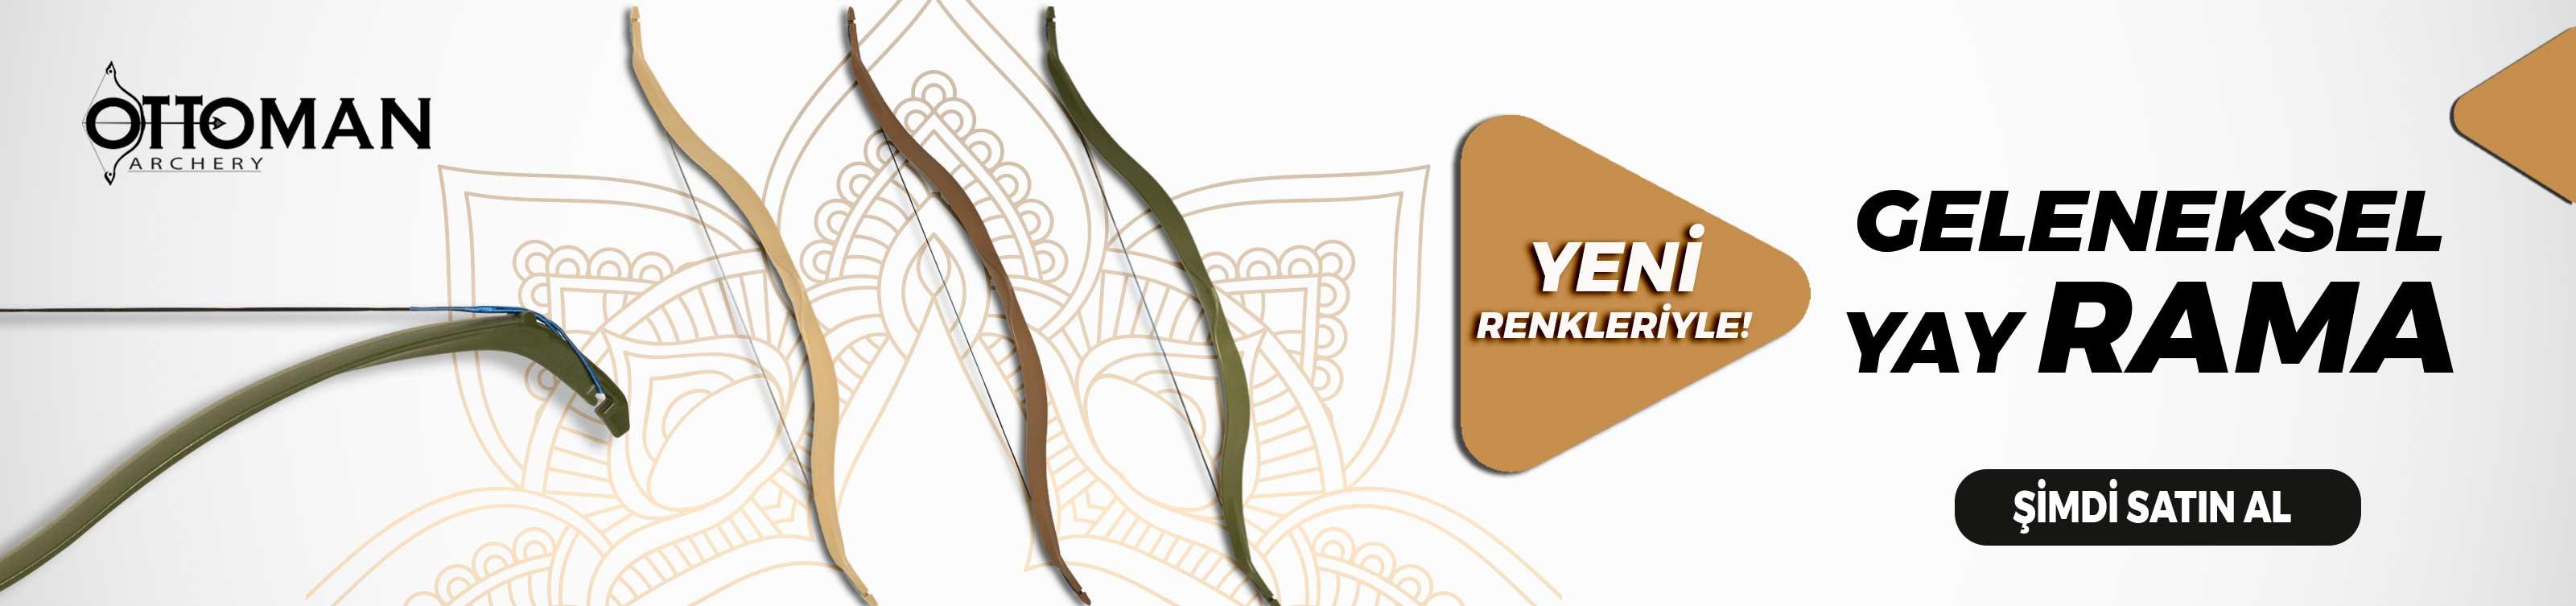 Rama Yeni